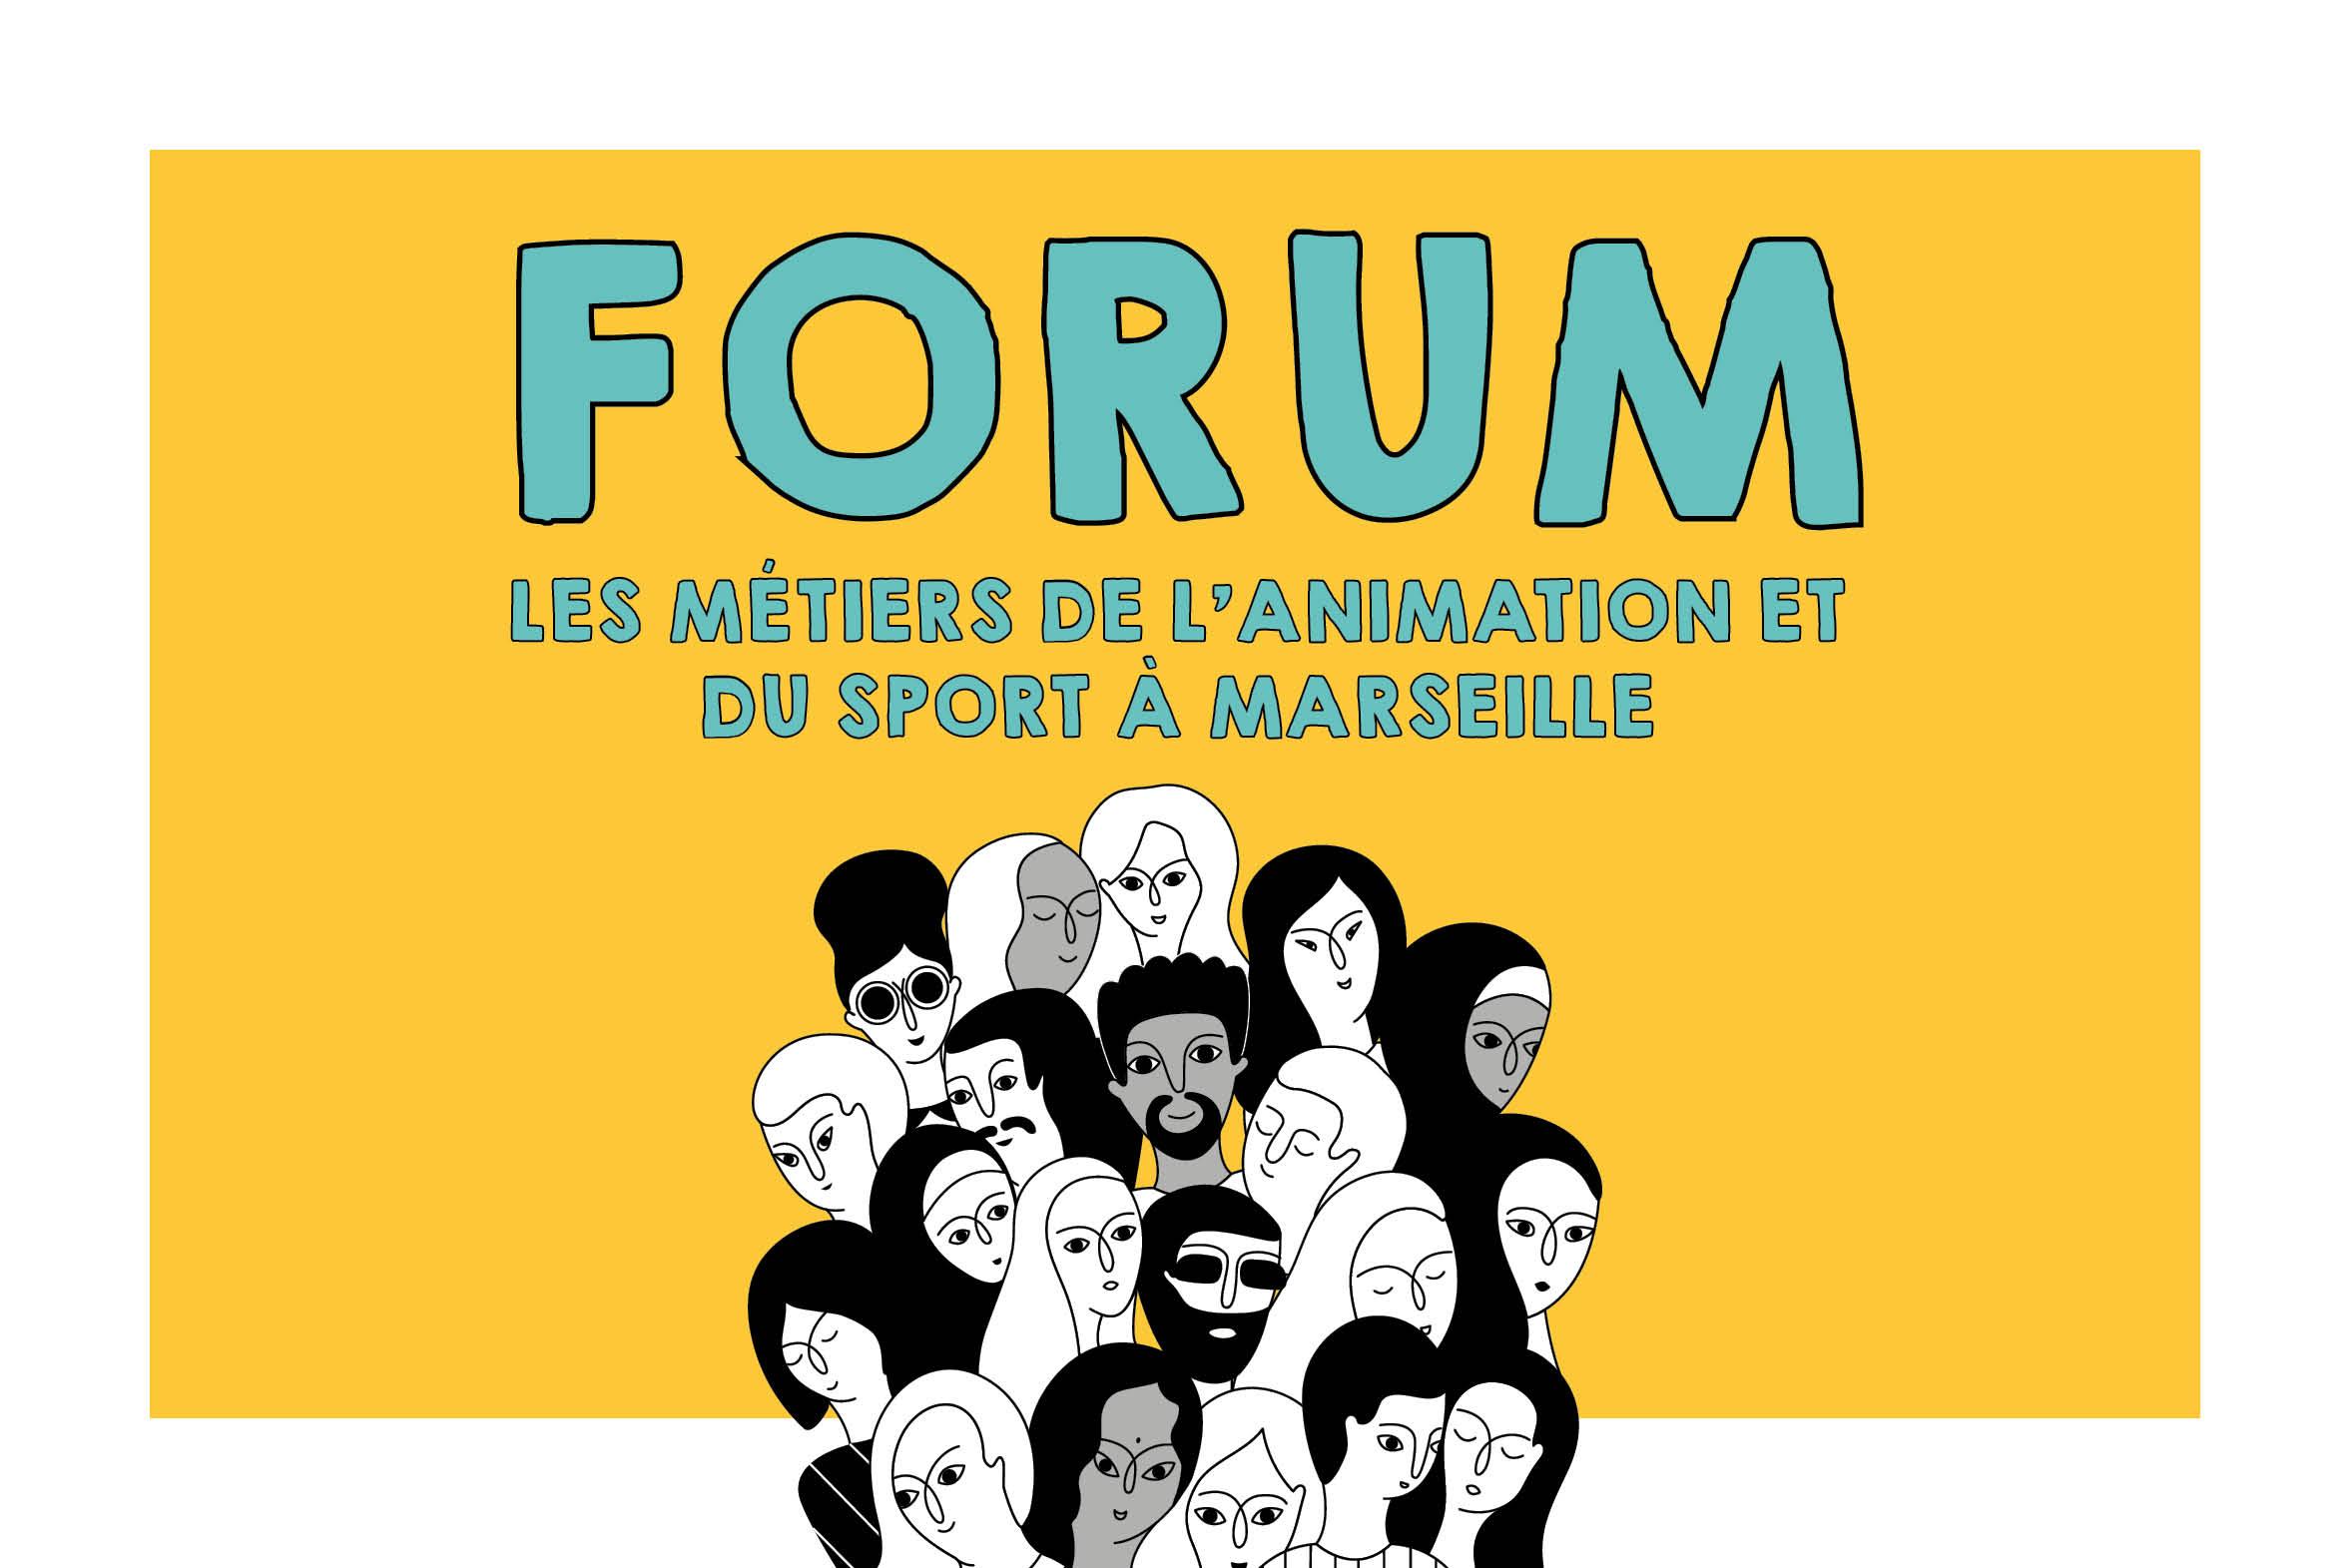 Forum à Marseille : les formations et les métiers de l'animation et du sport